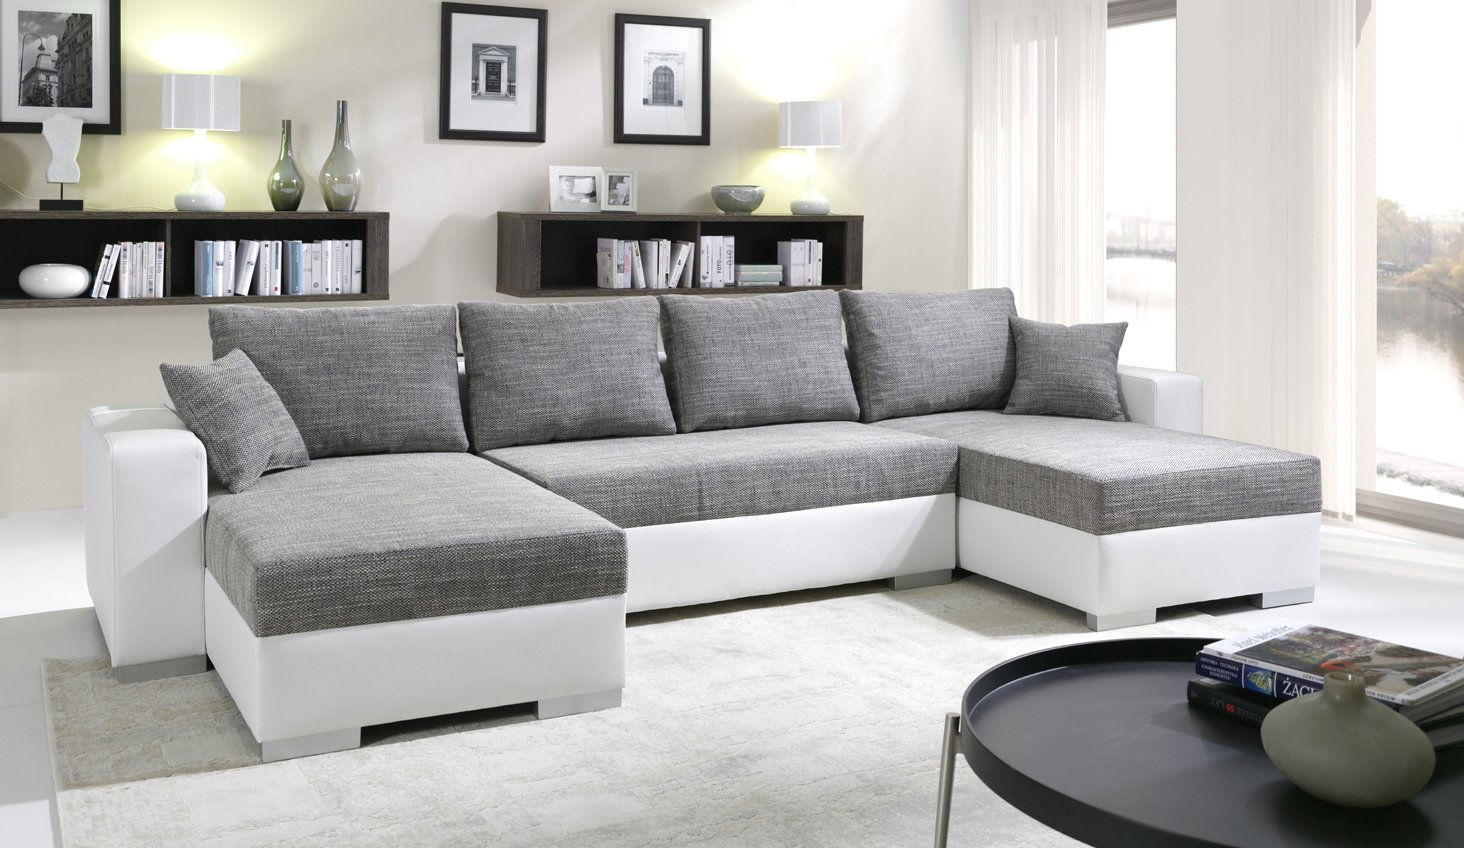 Sofa Couchgarnitur Couch Sofagarnitur TIGER 4 U Polstergarnitur ...